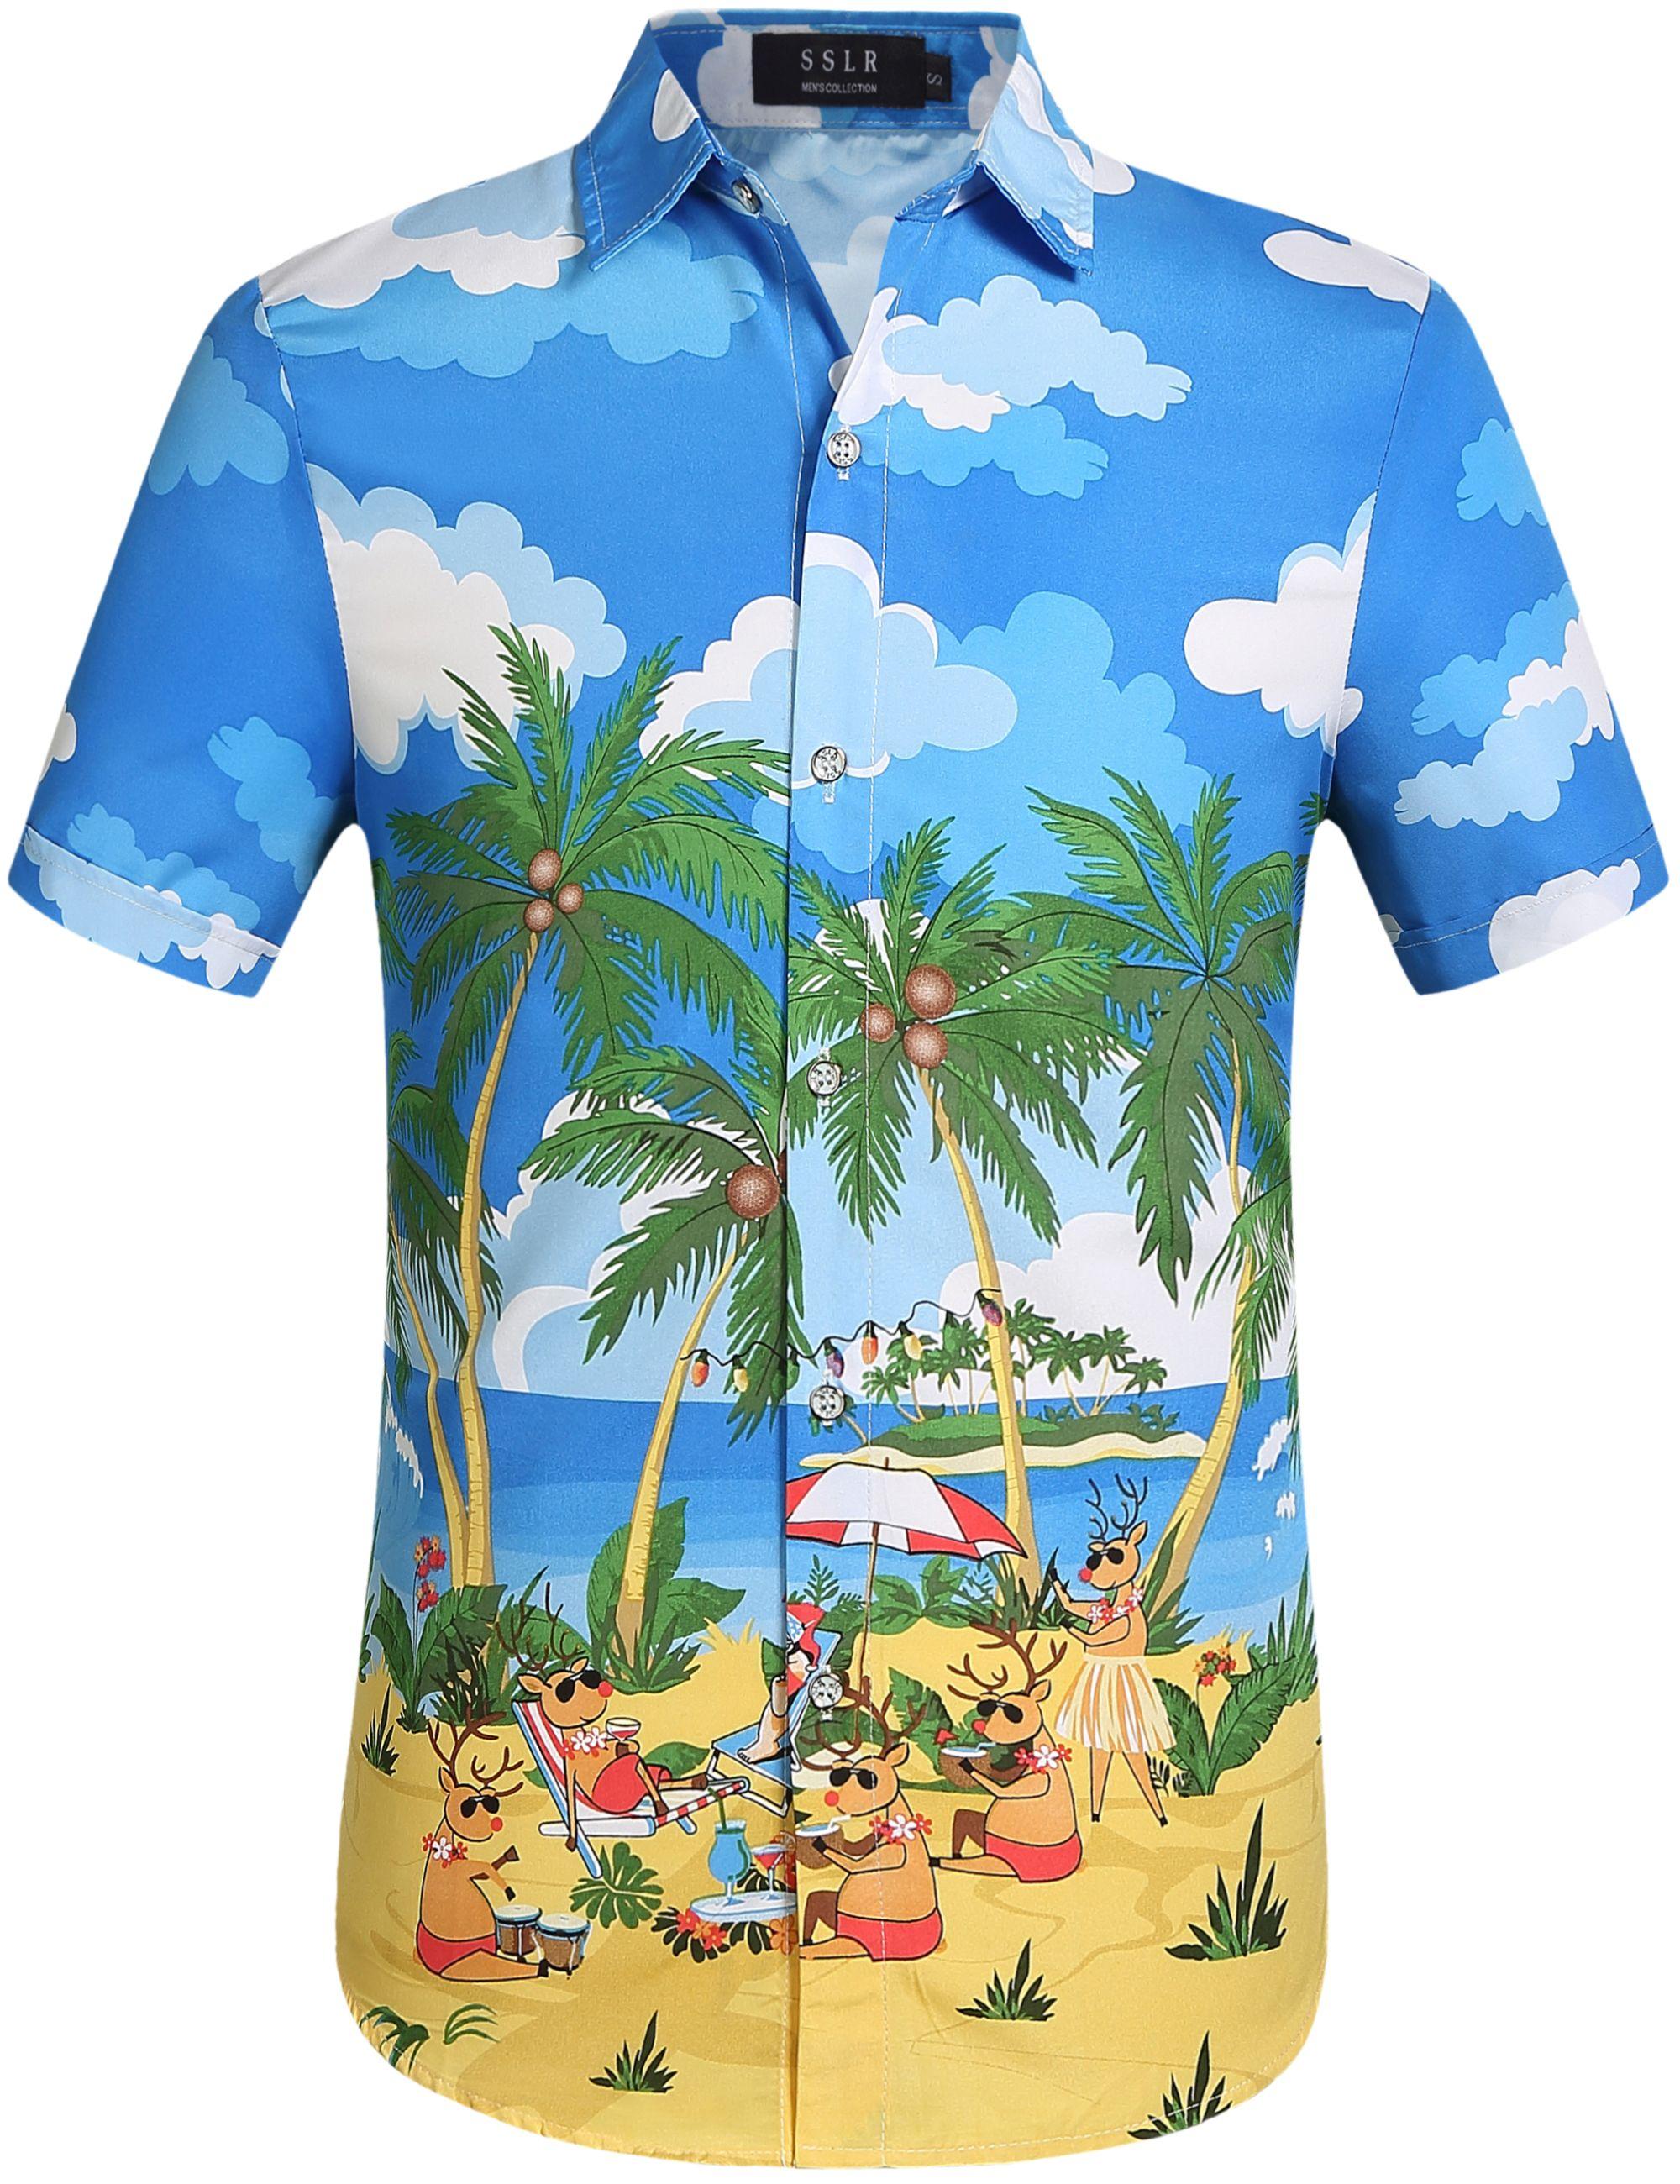 347a7c89 SSLR Men's Xmas Holiday Button Down Ugly Hawaiian Christmas Shirts, Tropical  Party Hawaiian Christmas Shirts #christmas #tropical #Xmas #holiday#party #  ...